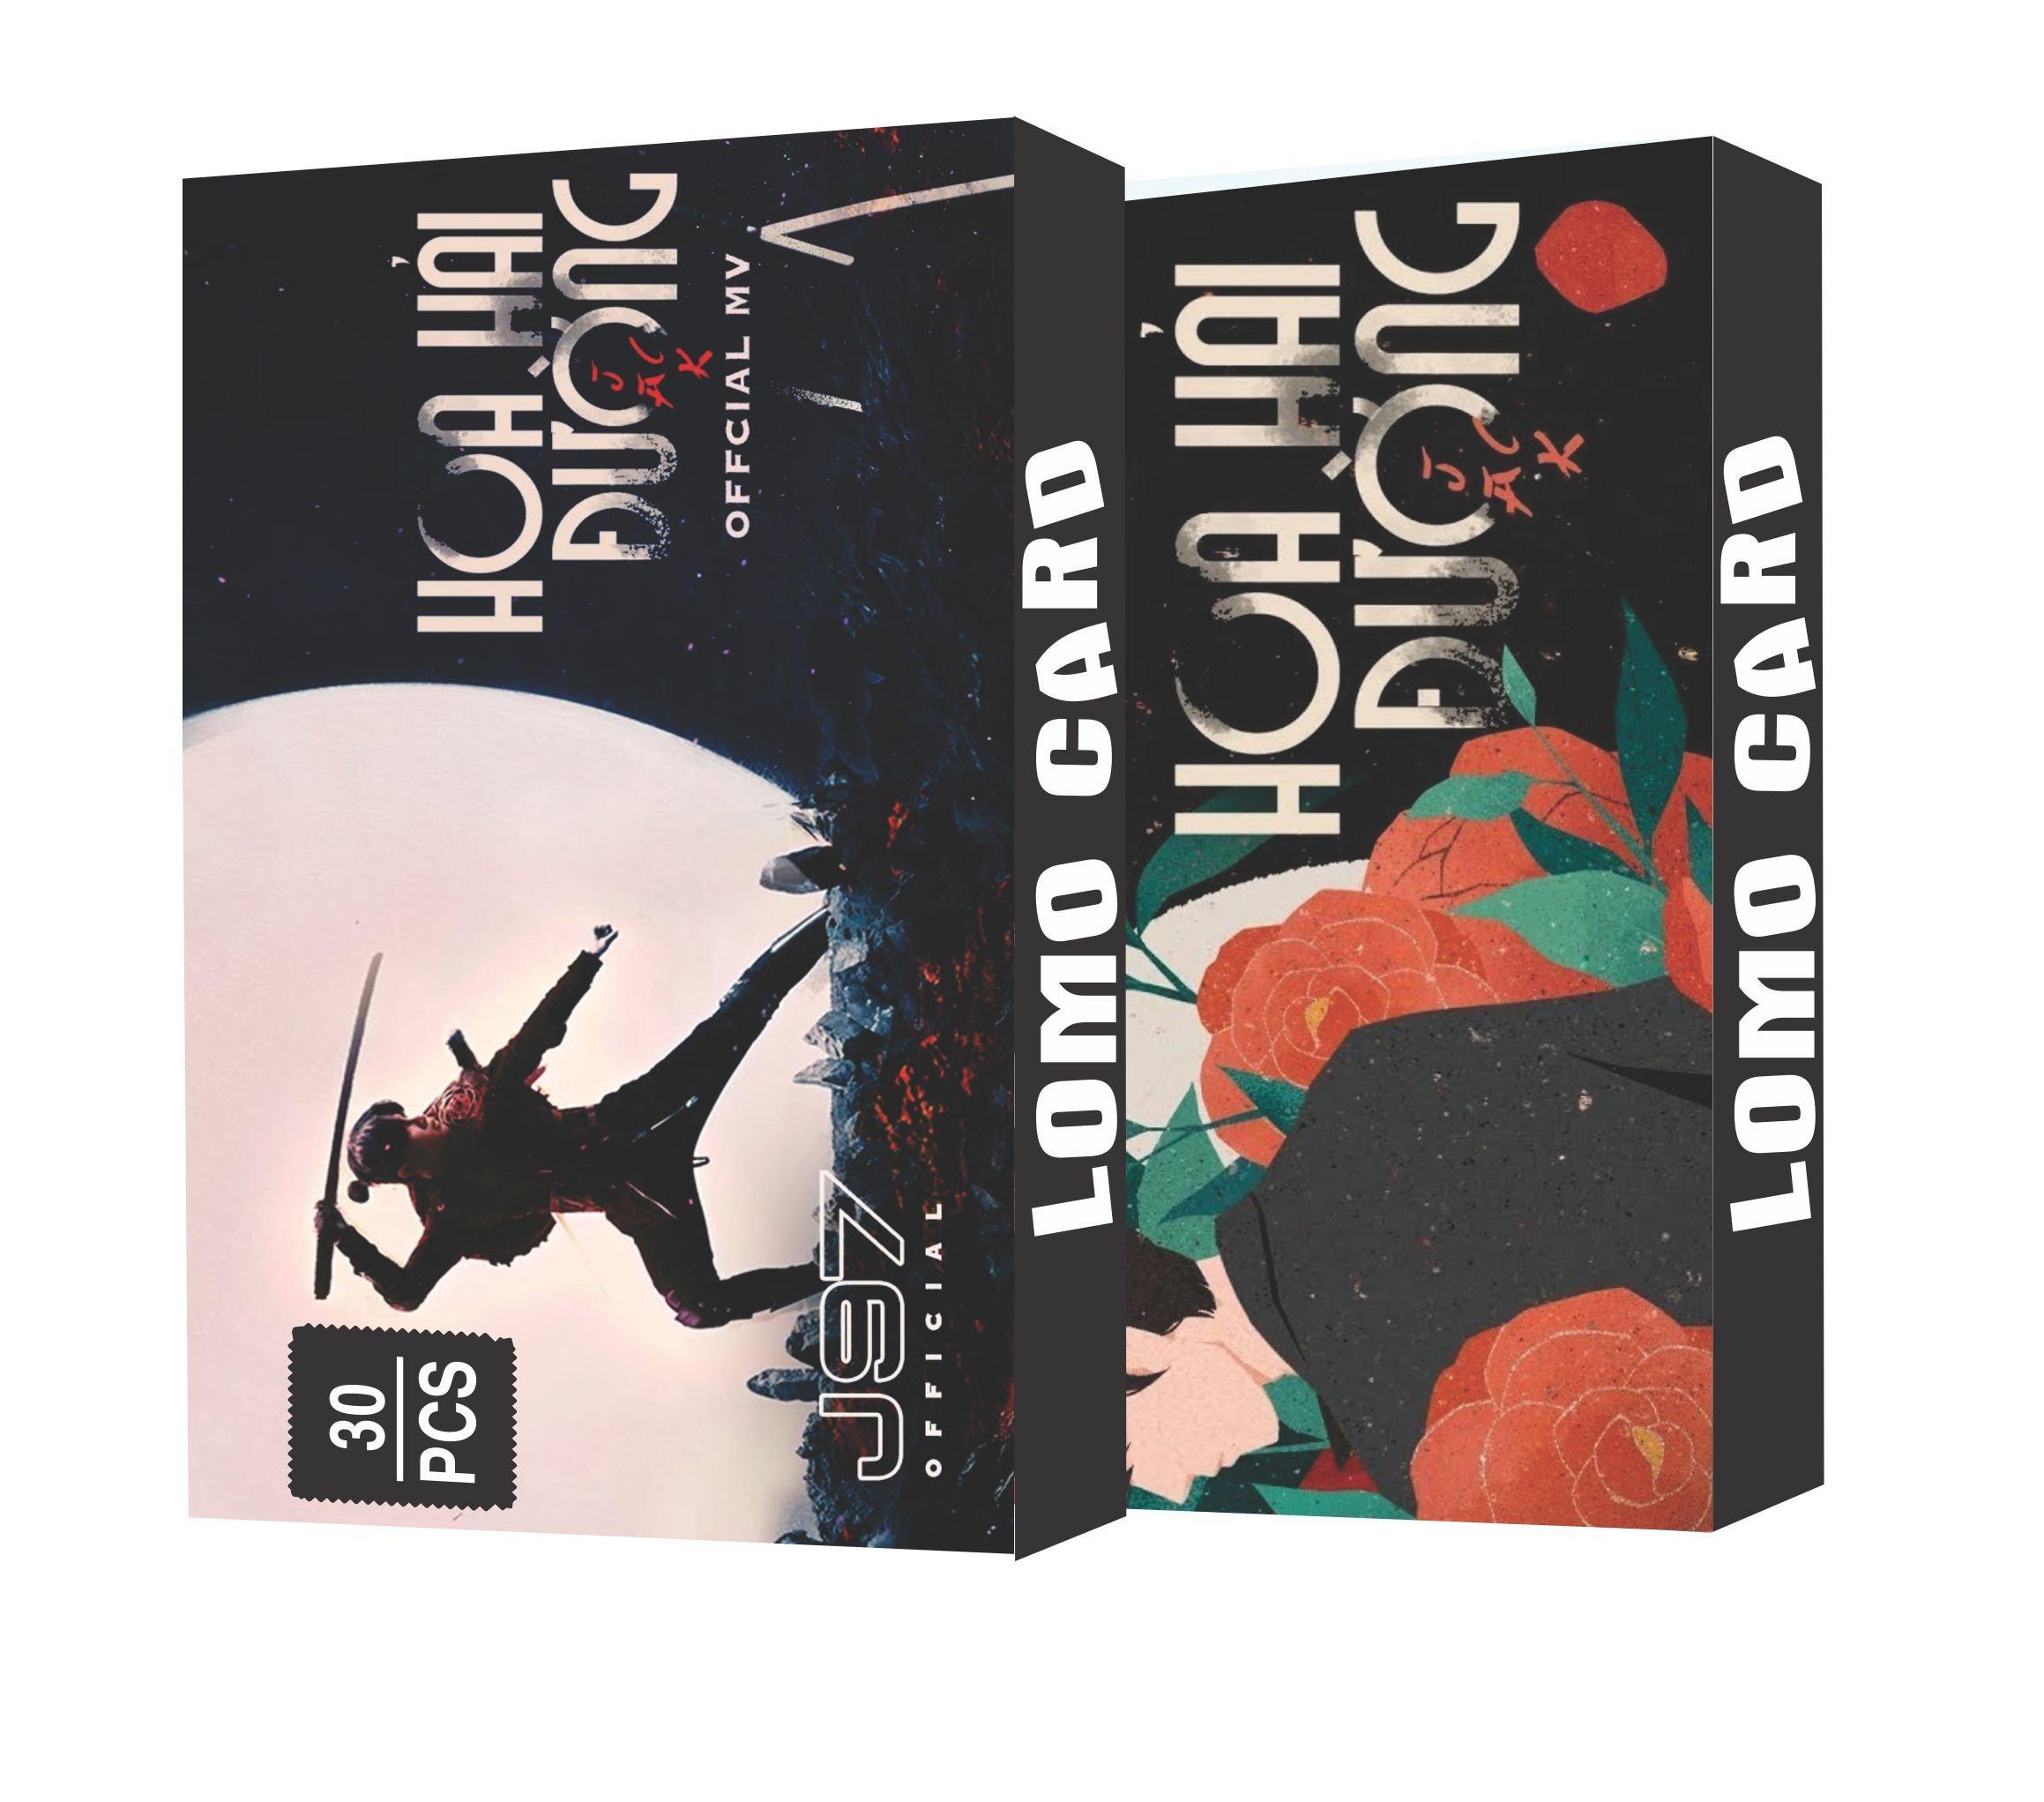 LOMO CARD JACK HOA HẢI ĐƯỜNG THẦN TƯỢNG ÂM NHẠC 30 TẤM CỰC ĐẸP